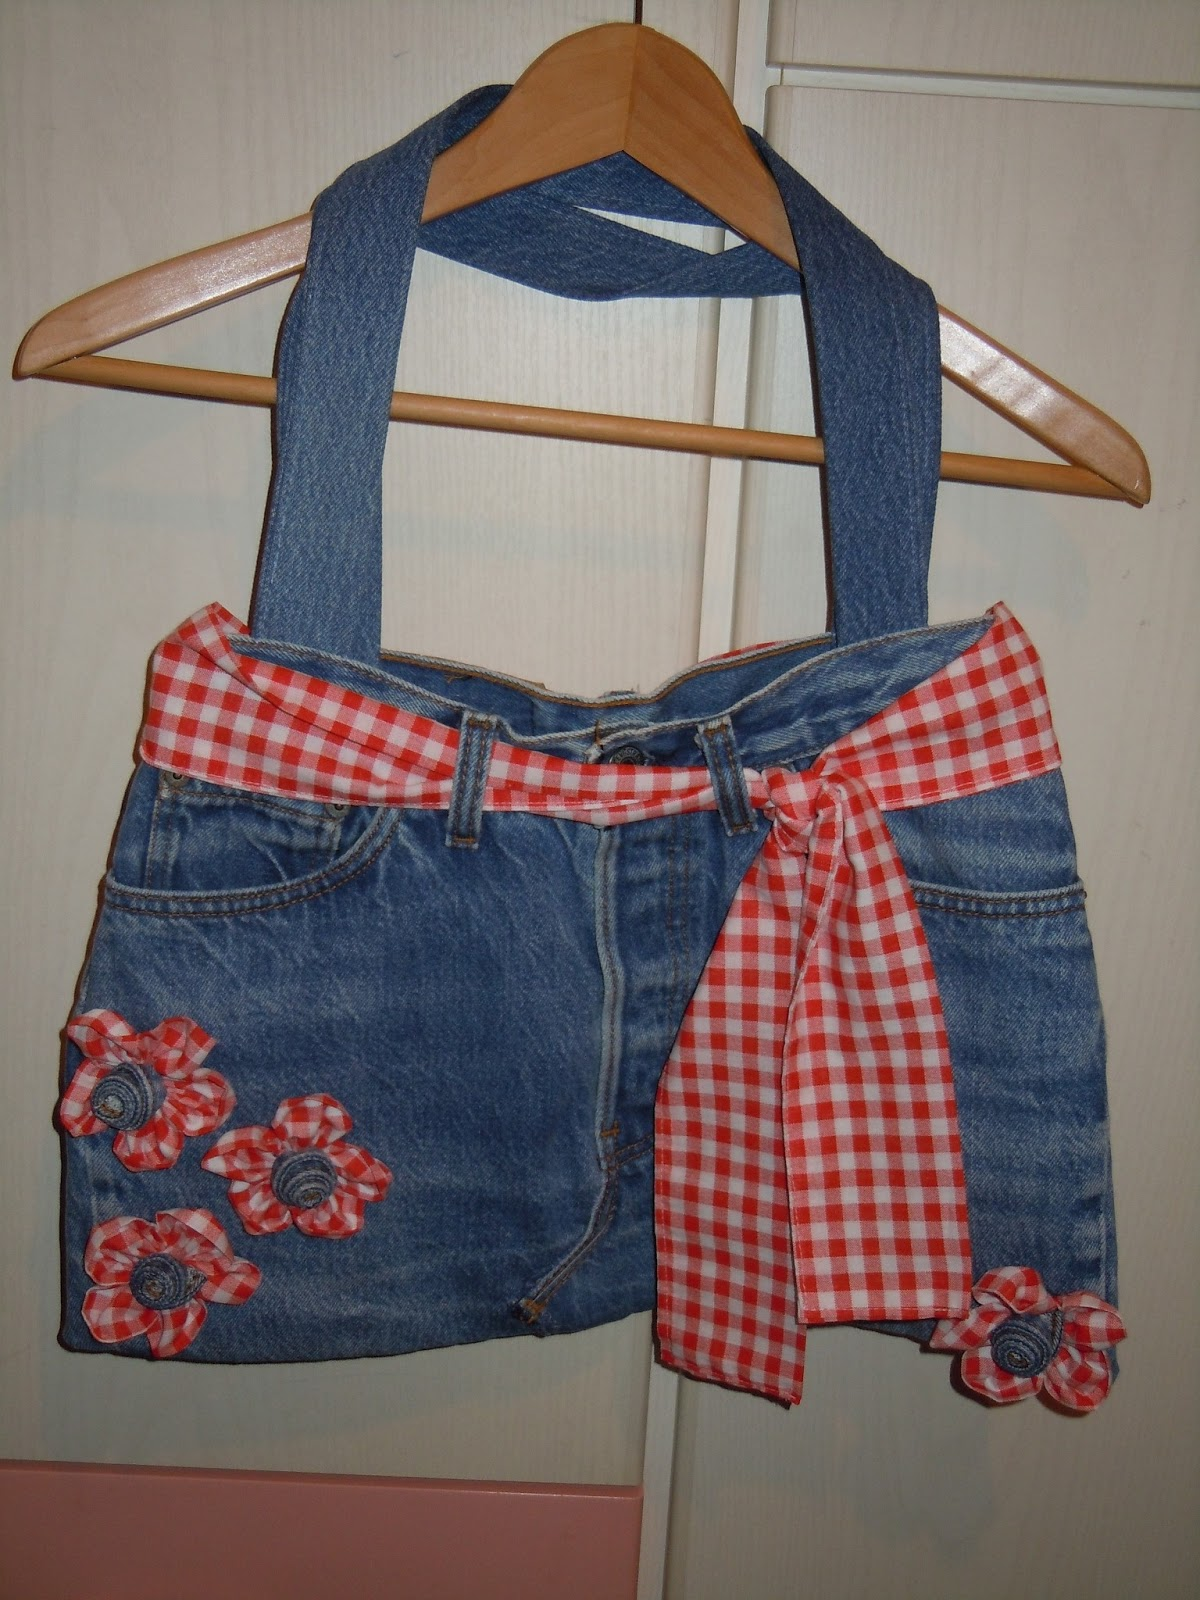 Borse Fatte A Mano Con I Jeans : Soul food to go ancora borse di jeans